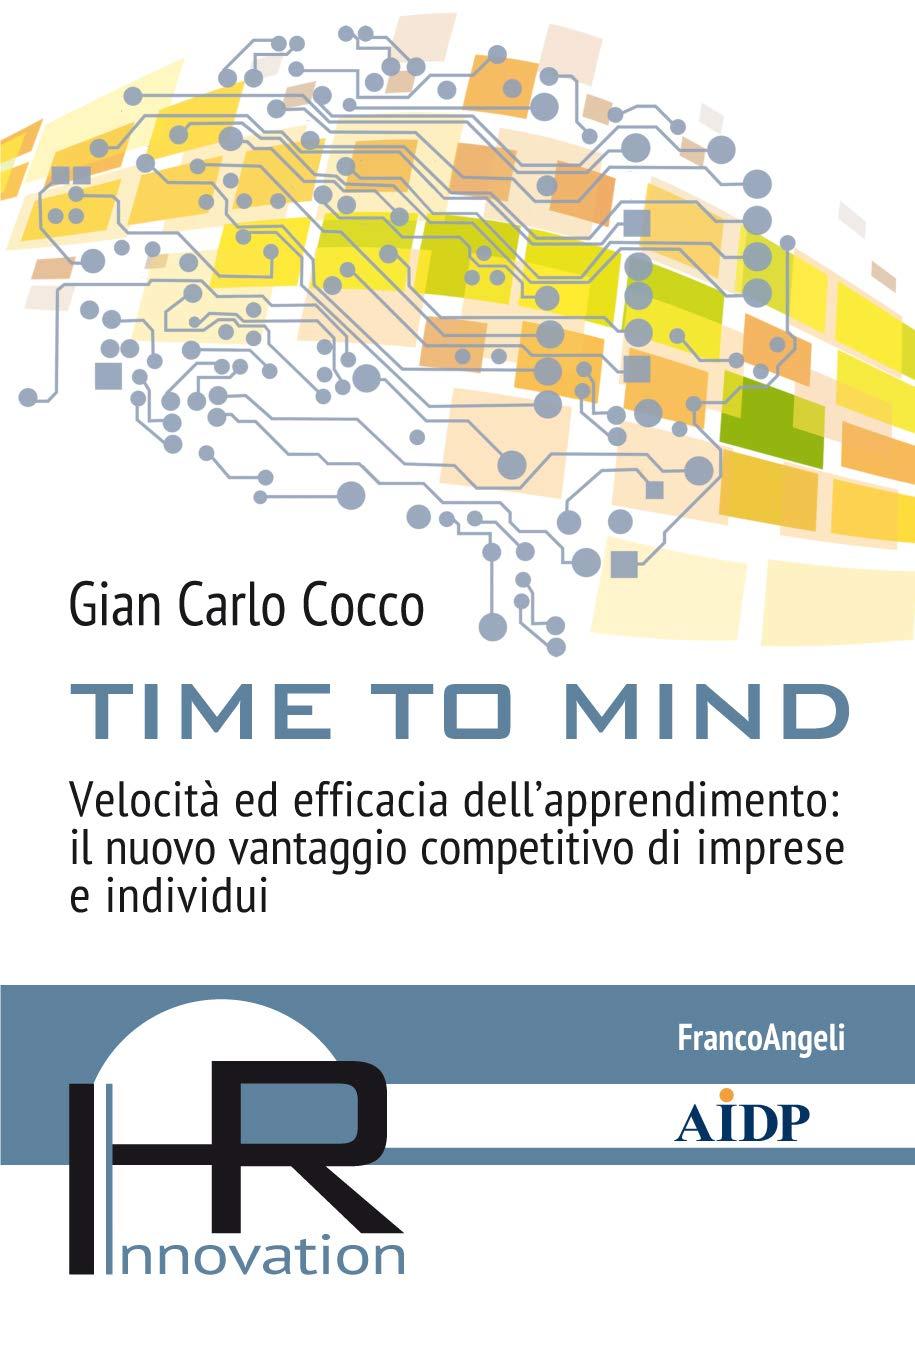 Time to mind: Velocità ed efficacia dell'apprendimento: il nuovo vantaggio competitivo di imprese e individui (Italian Edition)